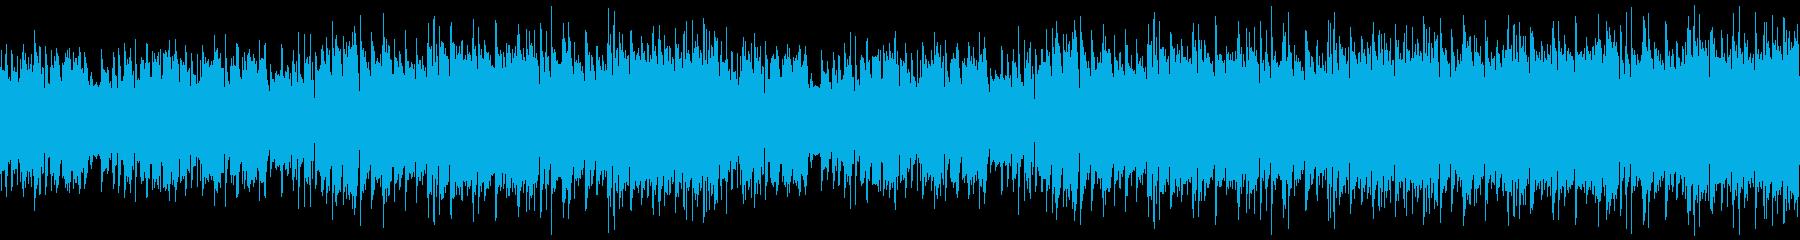 映像・穏やかな夏の日常・ループの再生済みの波形